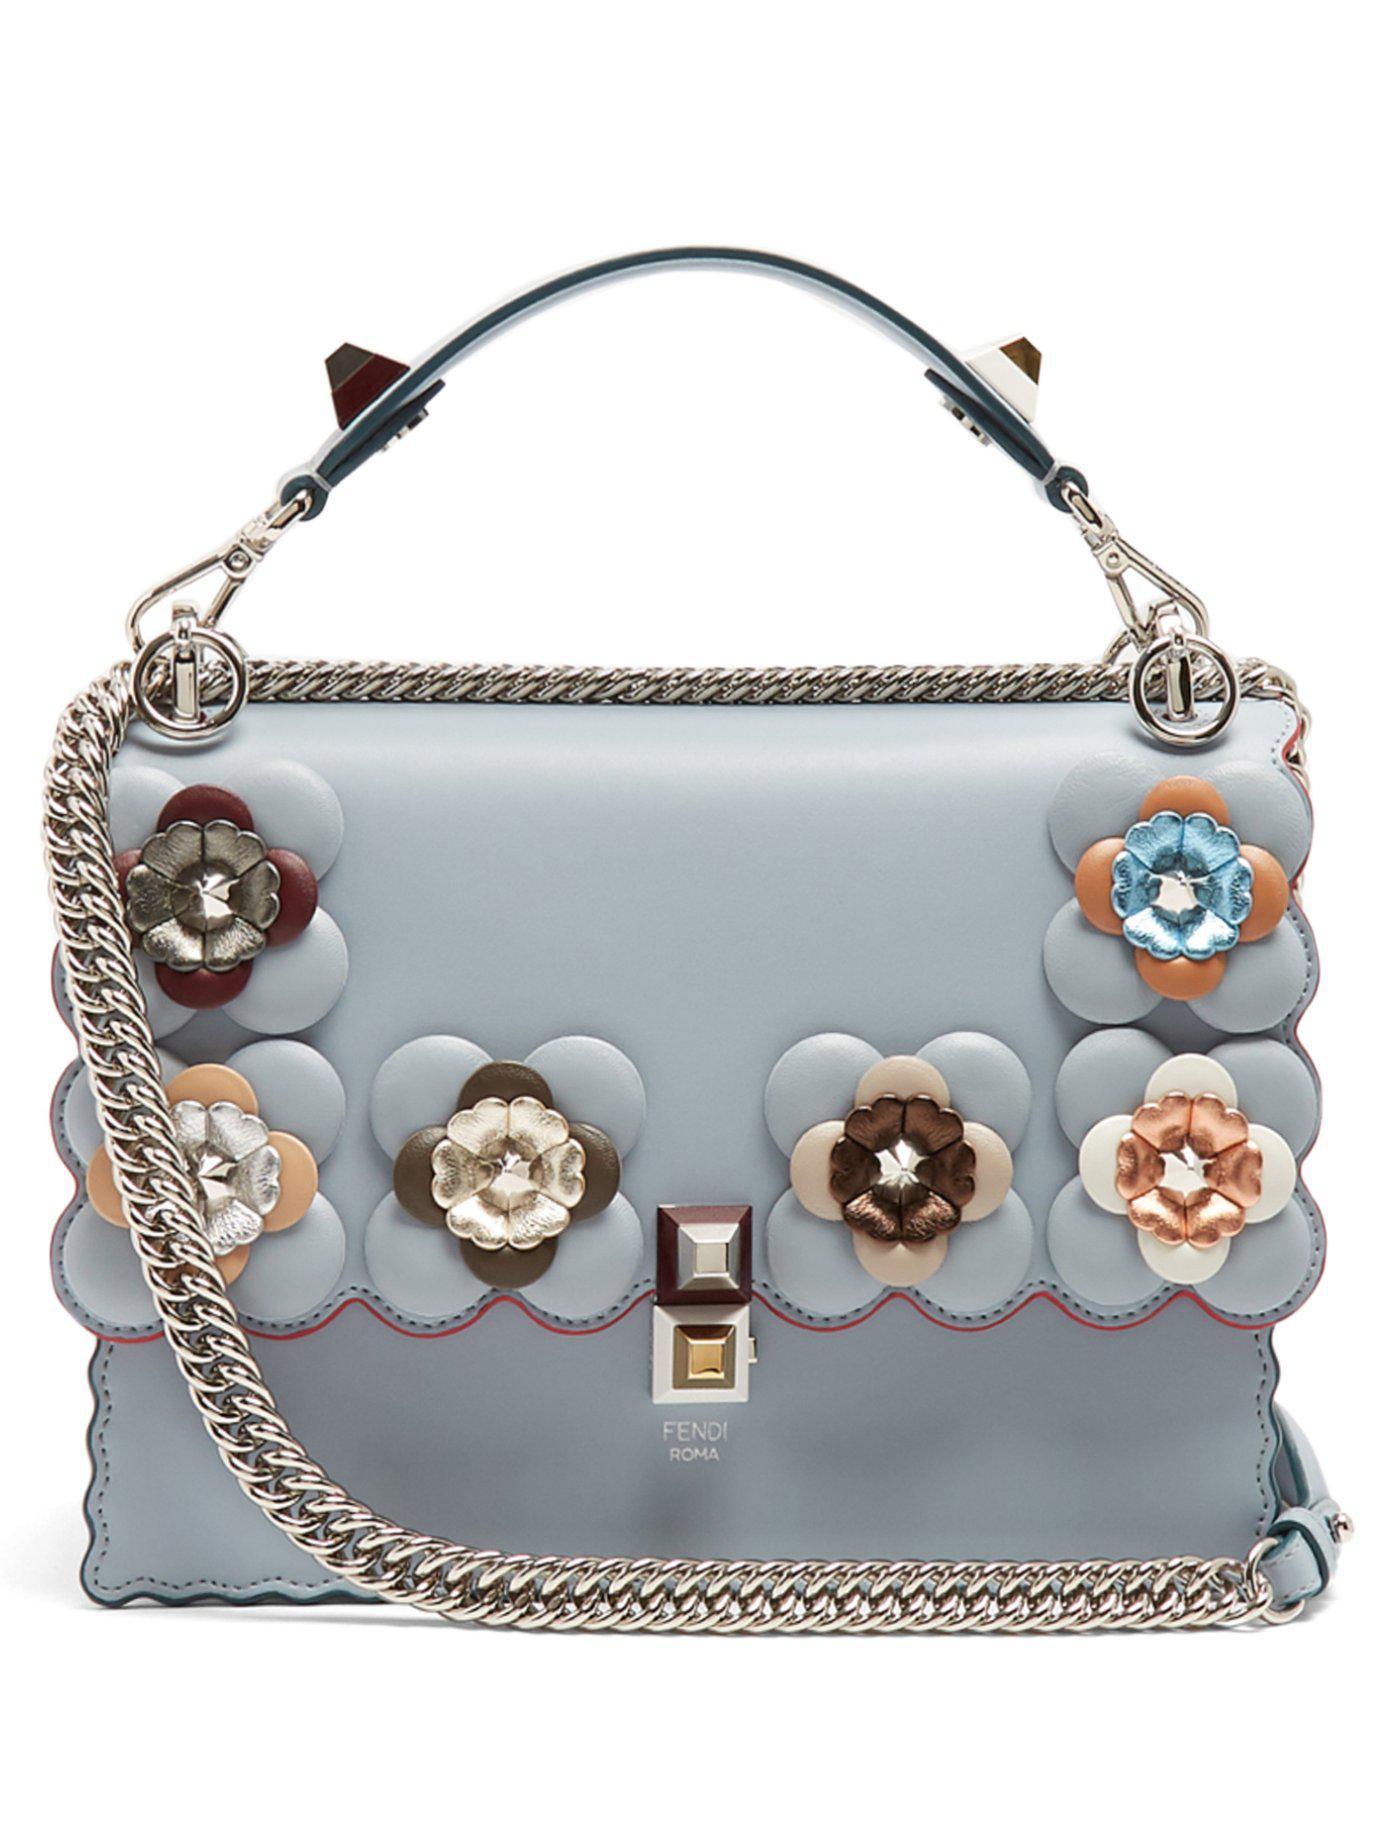 Lyst - Fendi Kan I Flower-embellished Leather Shoulder Bag in Blue b8f1d2a2dbadd